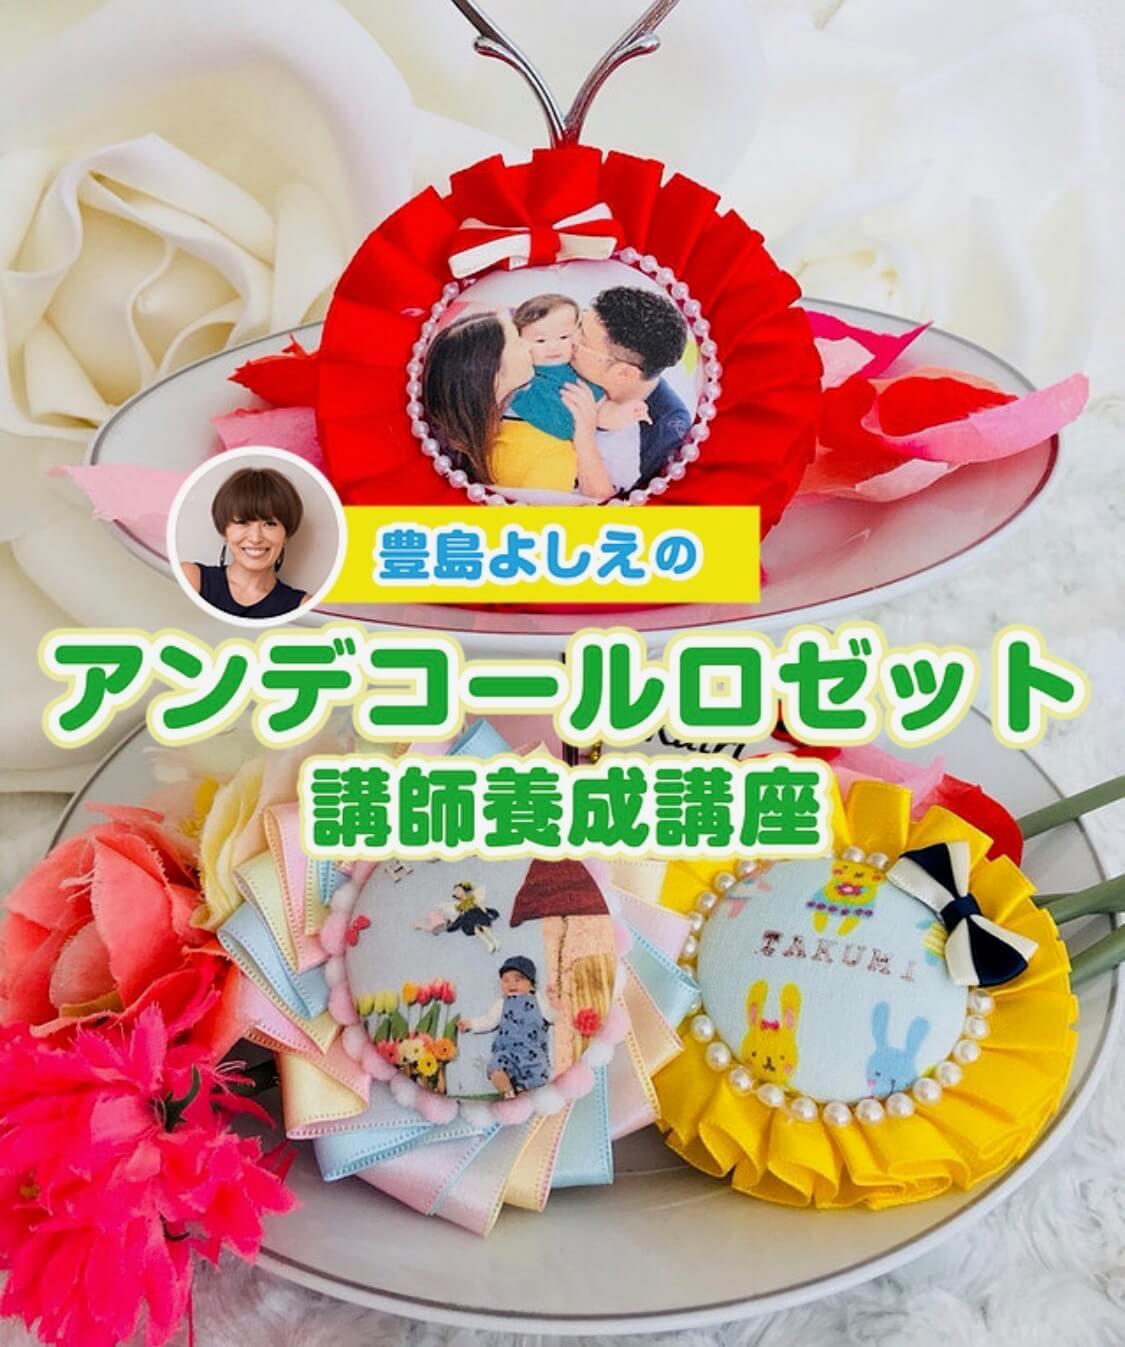 アンデコールロゼット 講師養成講座 茨城 東京 神奈川 埼玉